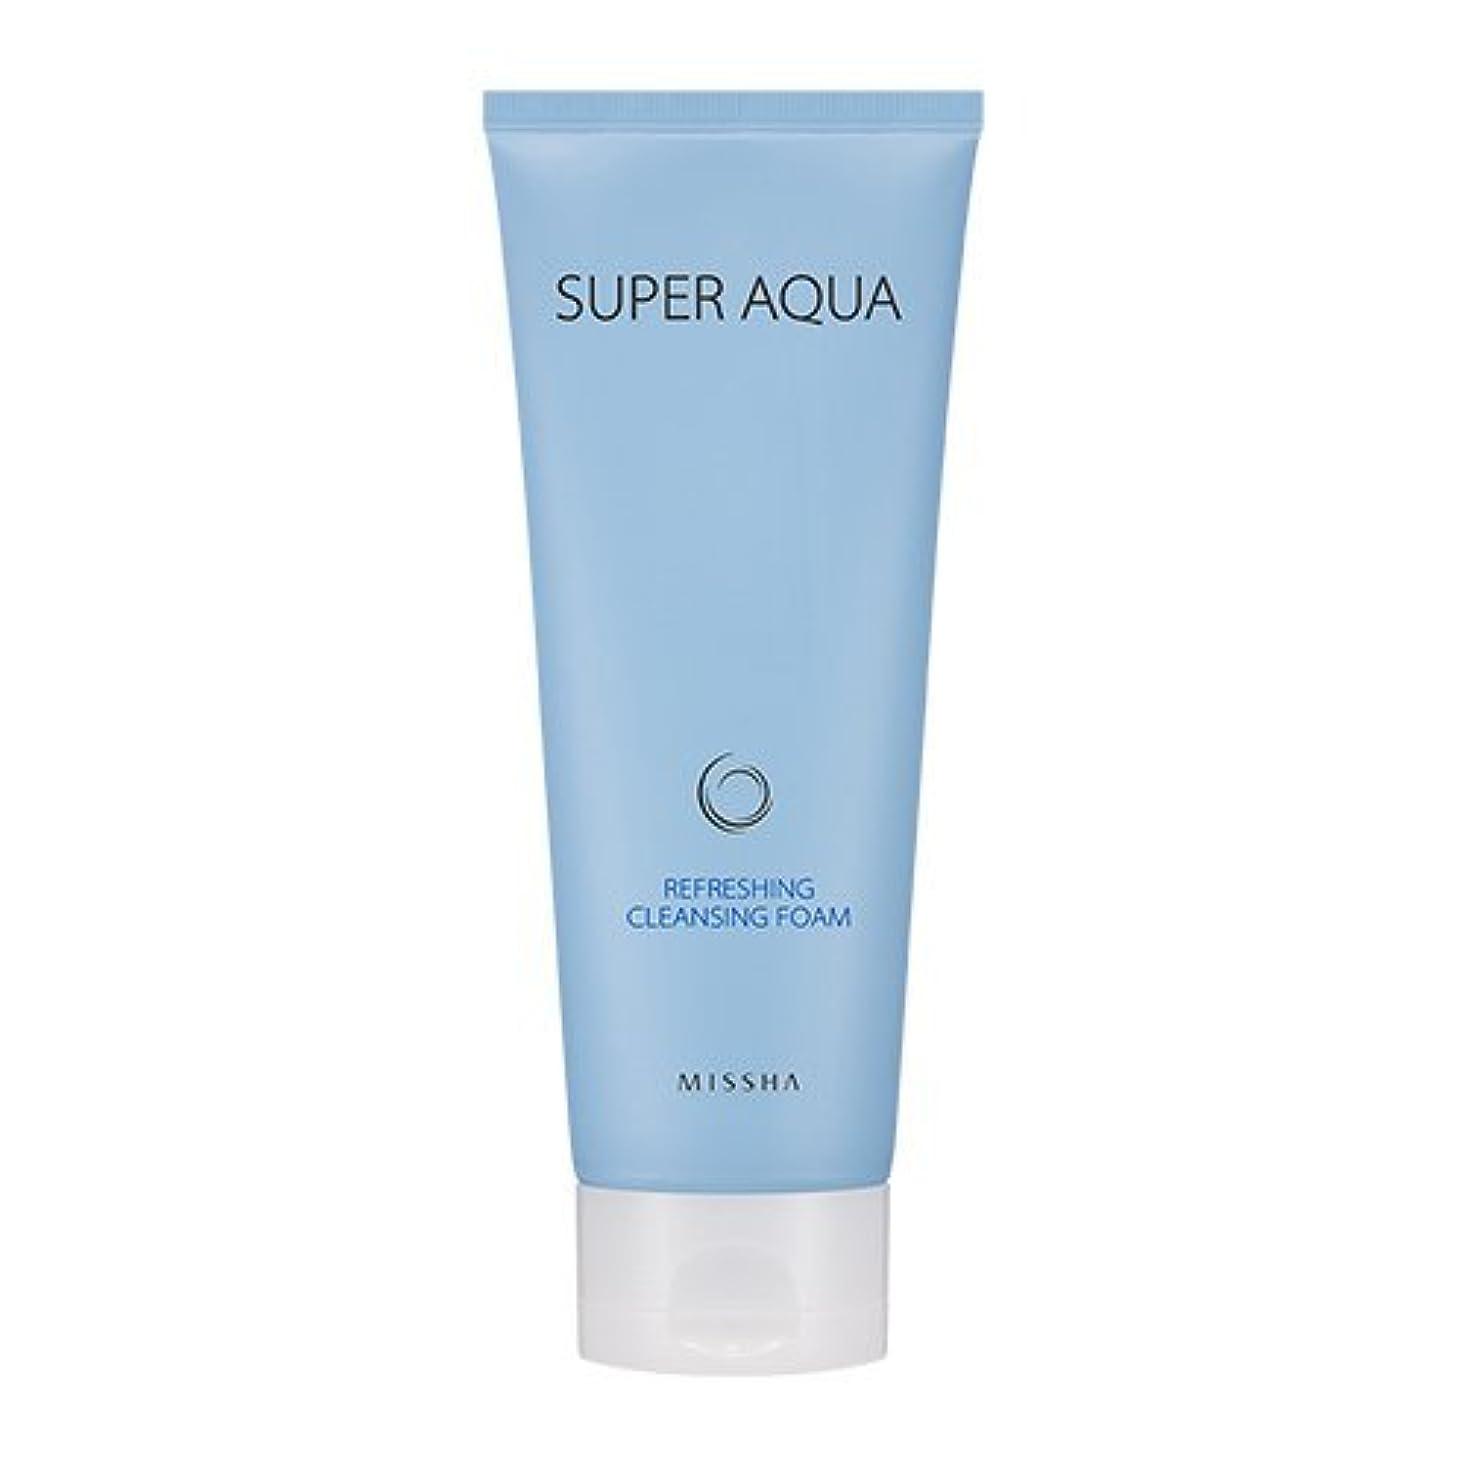 ほこりっぽいその後共同選択Missha Super Aqua Refreshing Cleansing Foam 6.76oz/200ml